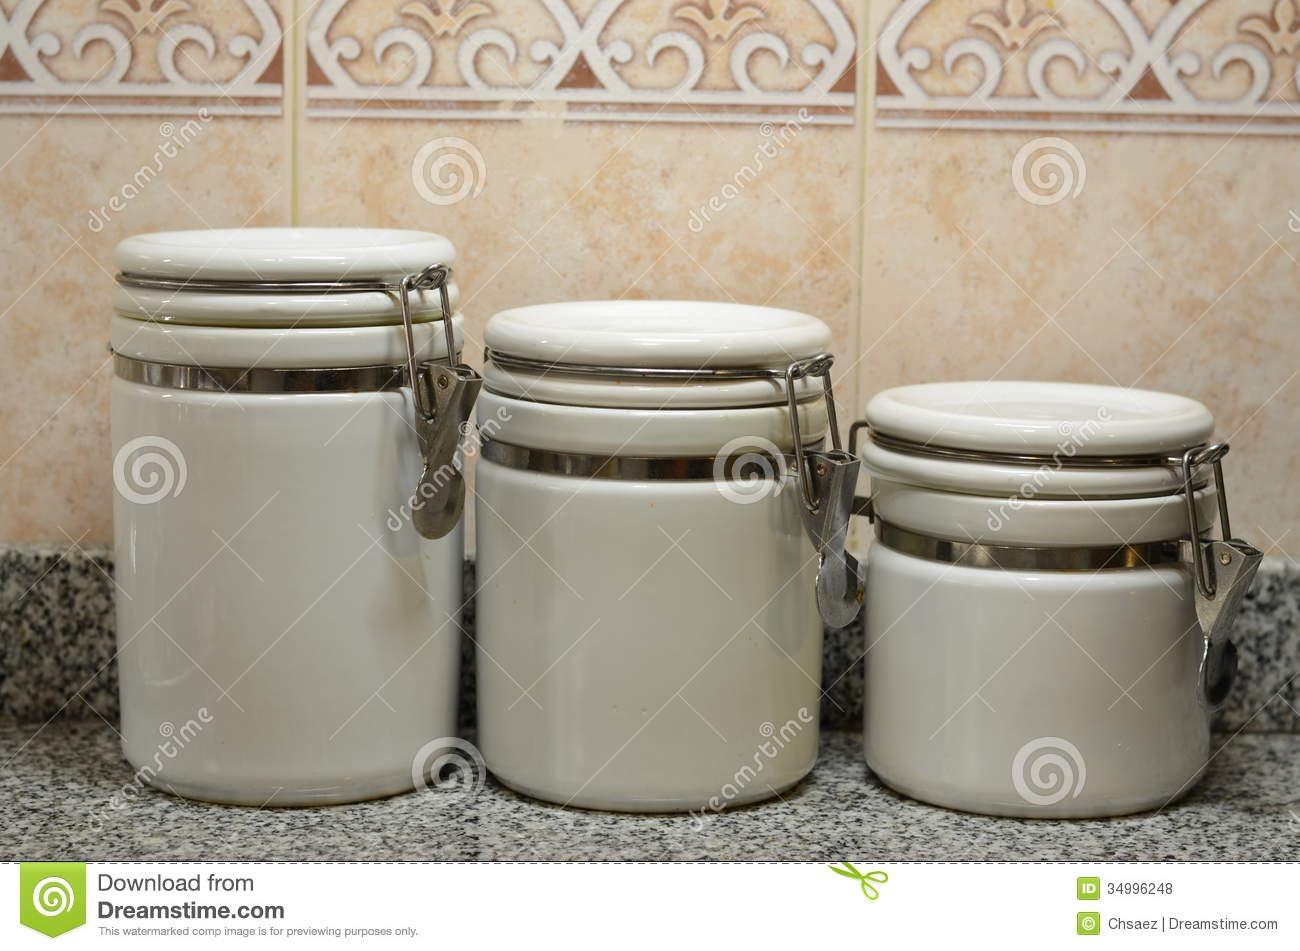 Best kitchen storage containers photo - 2